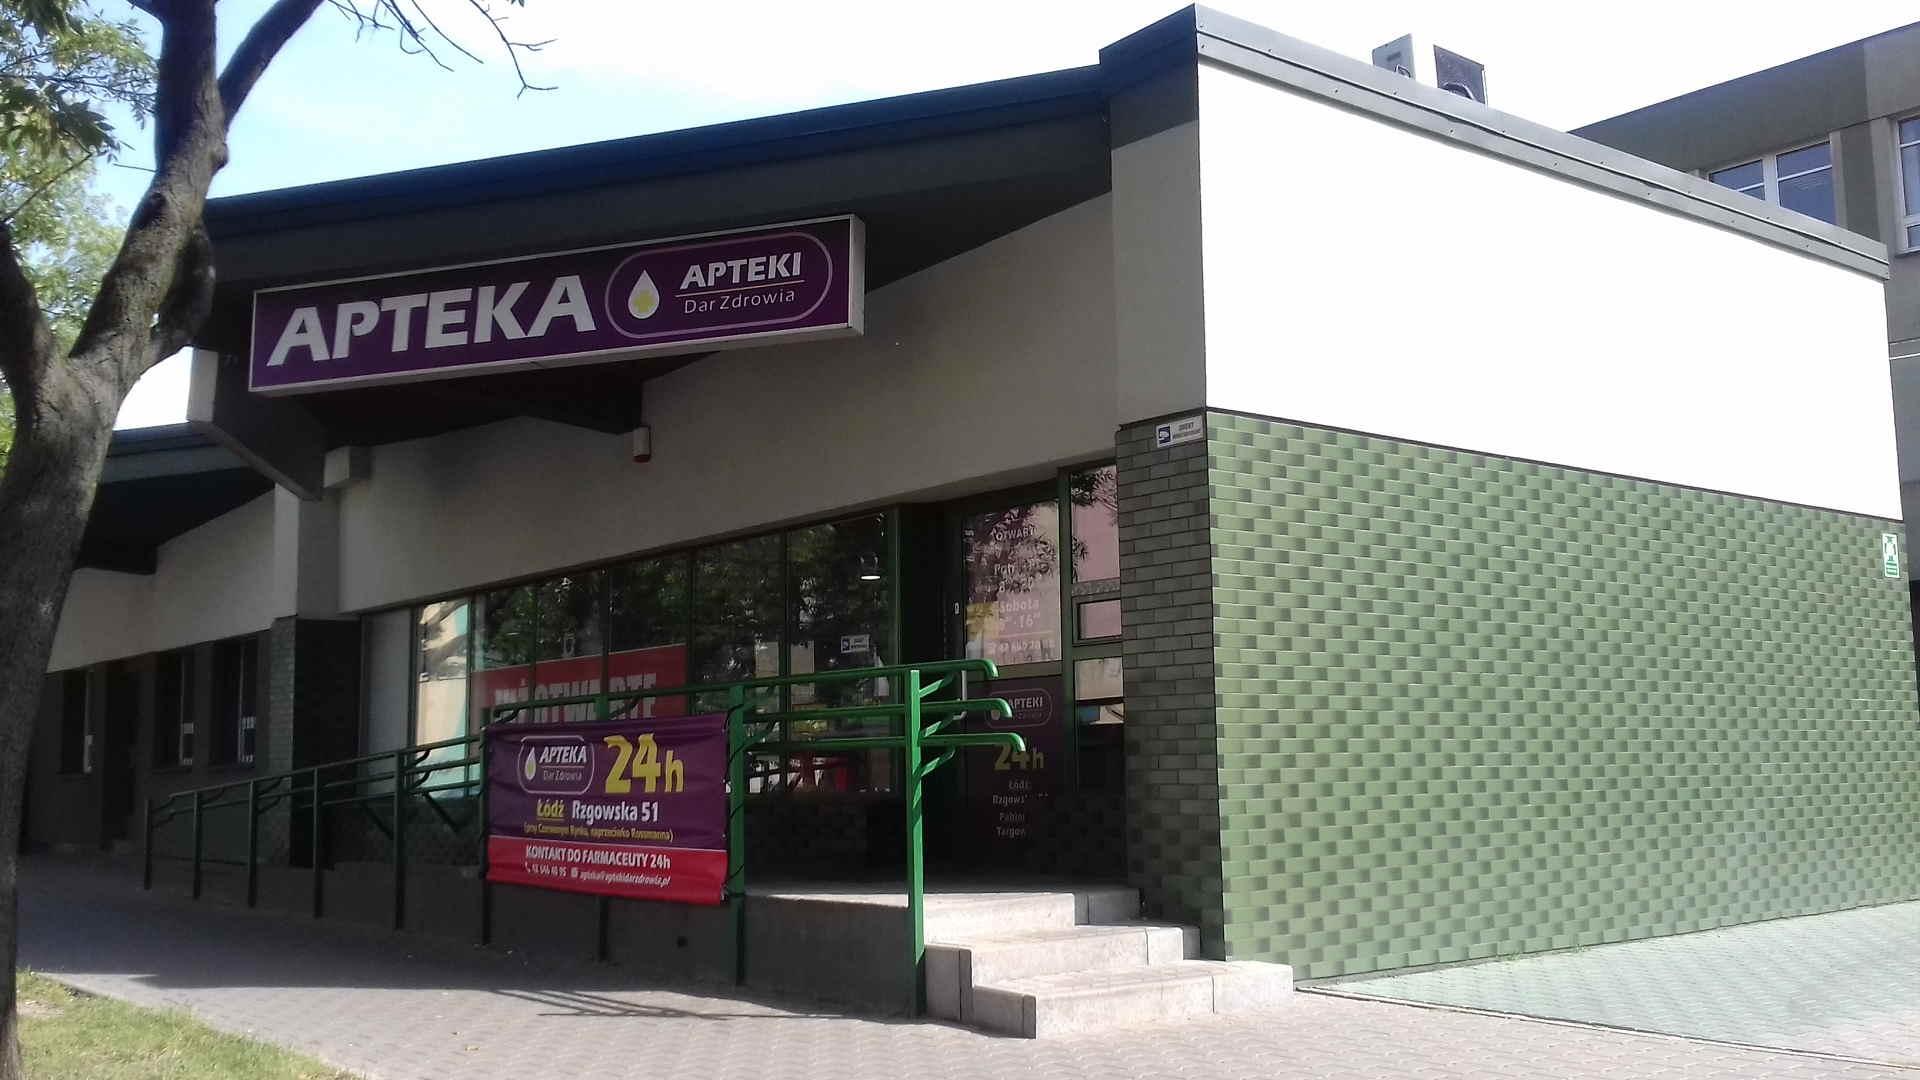 dar_zdrowia_felinskiego - aptekidarzdrowia.pl